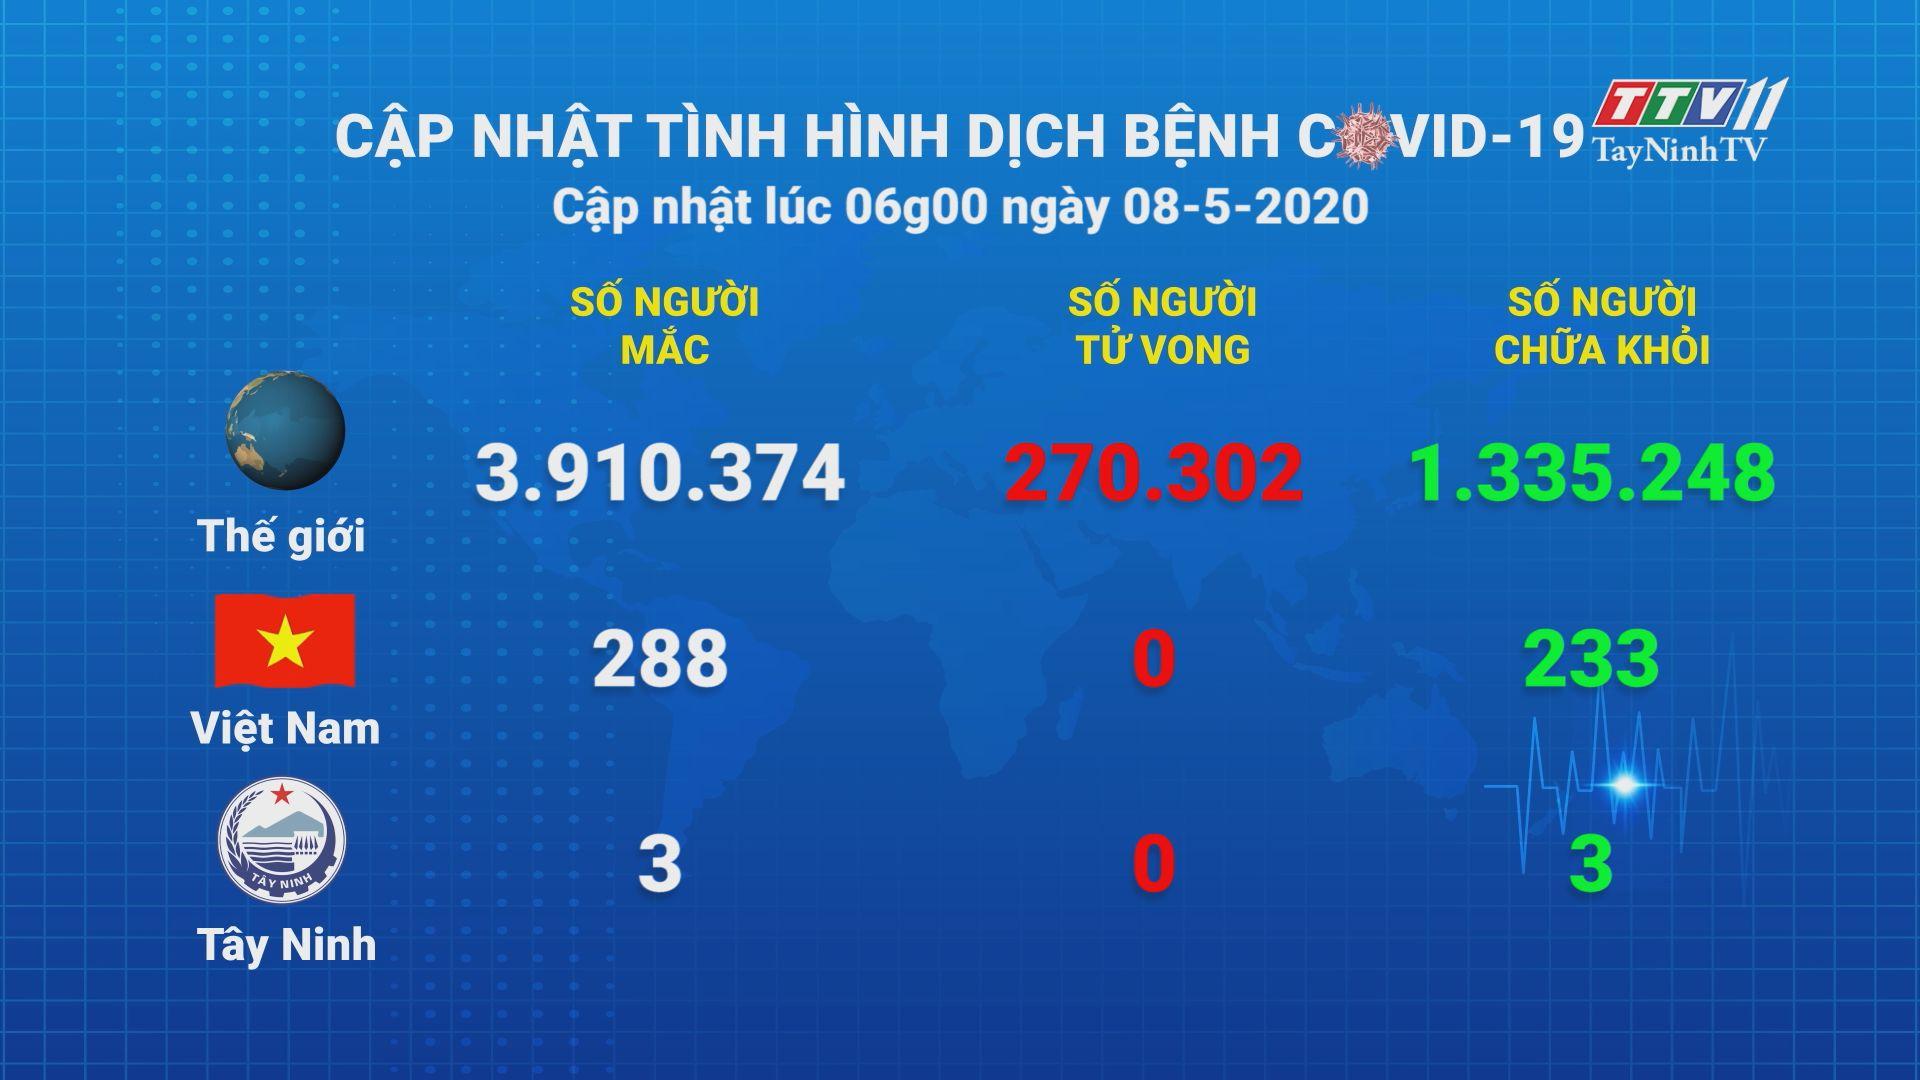 Cập nhật tình hình Covid-19 vào lúc 06 giờ 08-5-2020 | Thông tin dịch Covid-19 | TayNinhTV